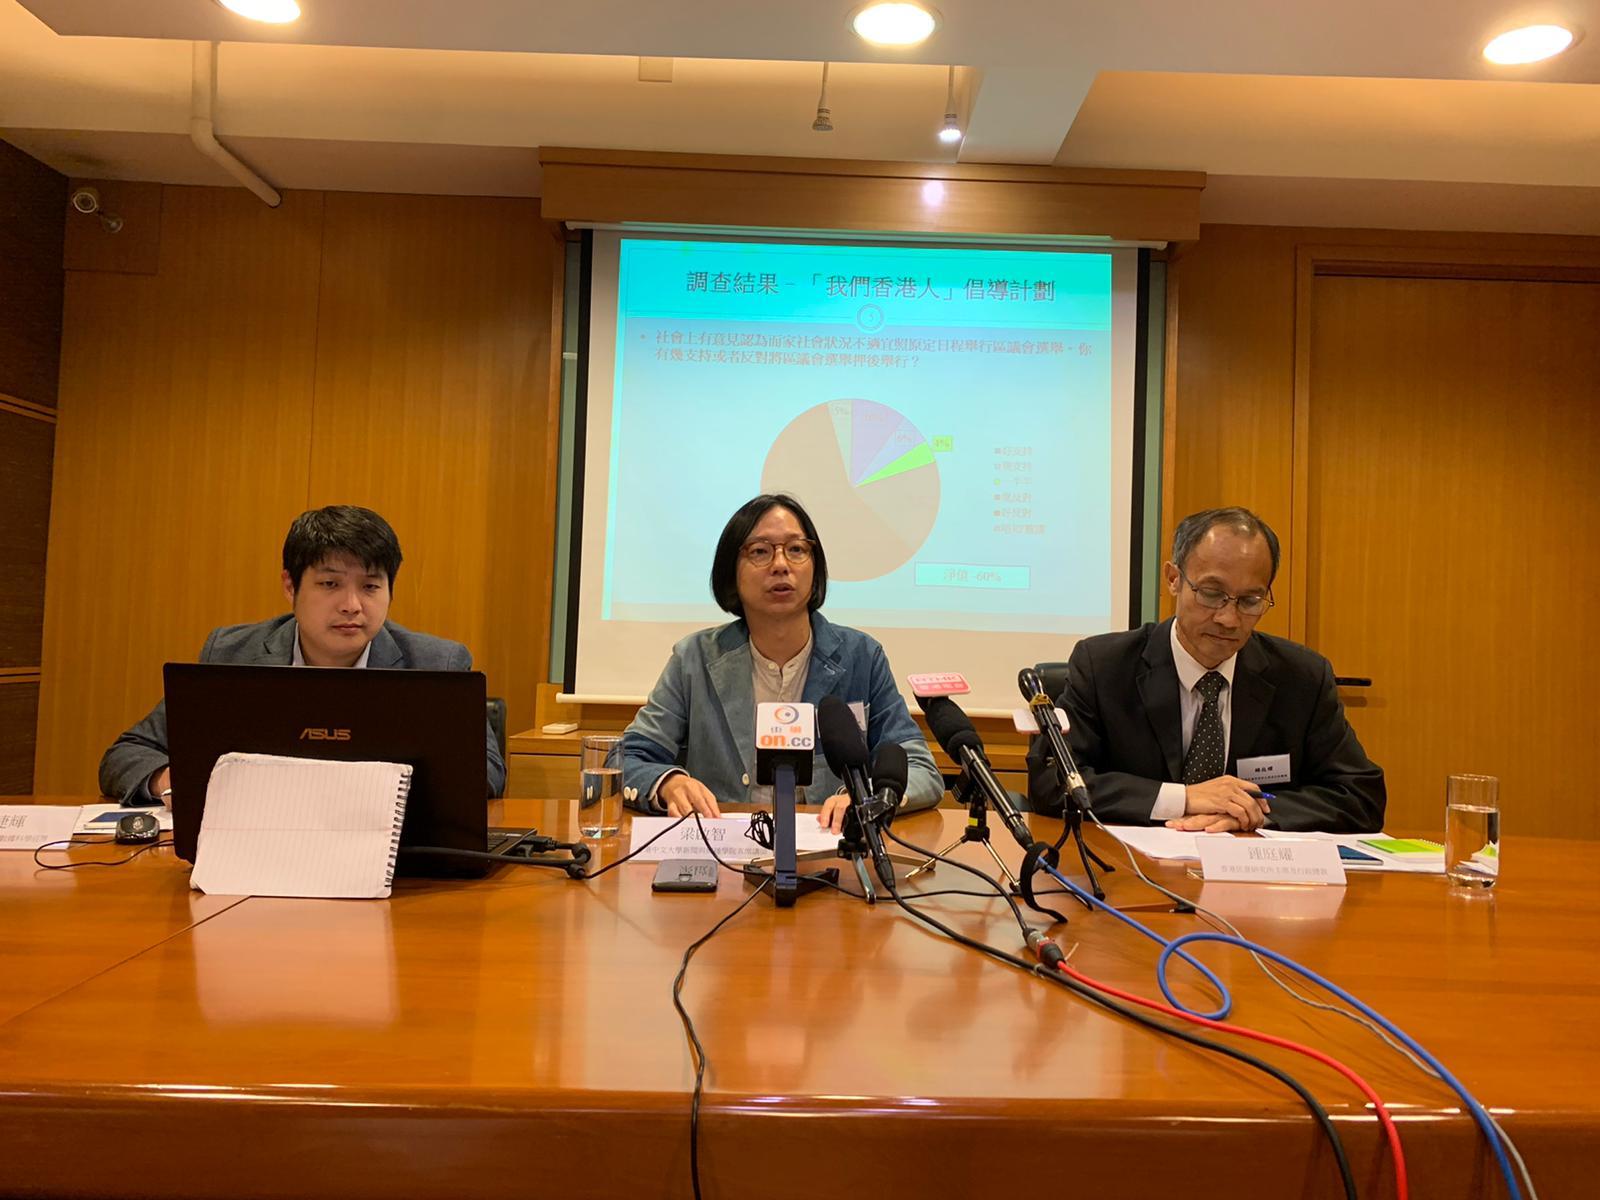 香港民意研究所公布調查結果